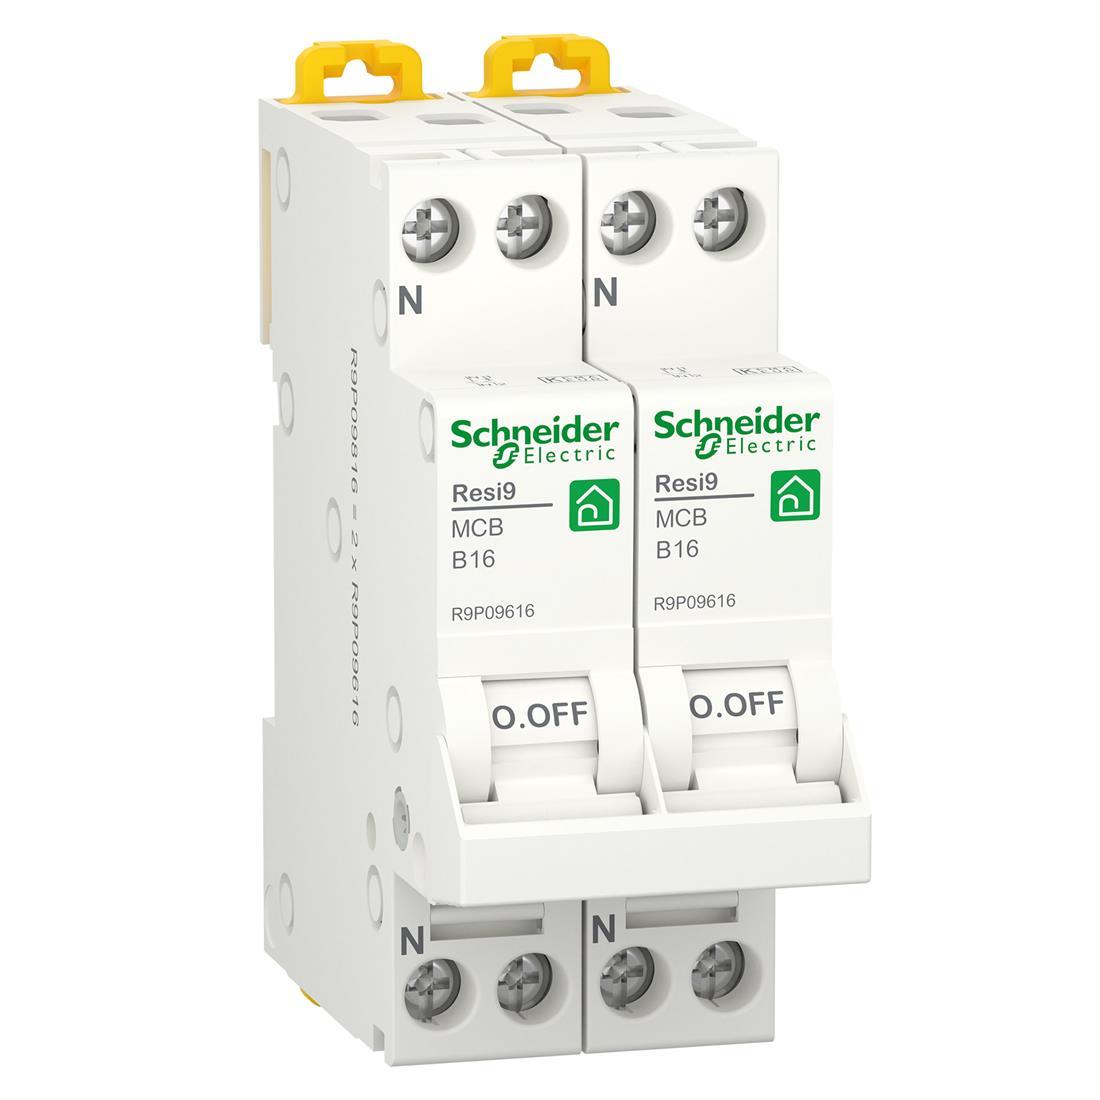 Schneider Electric fornuisgroep 2-polig+2 nul 16A B-kar (R9P09816)